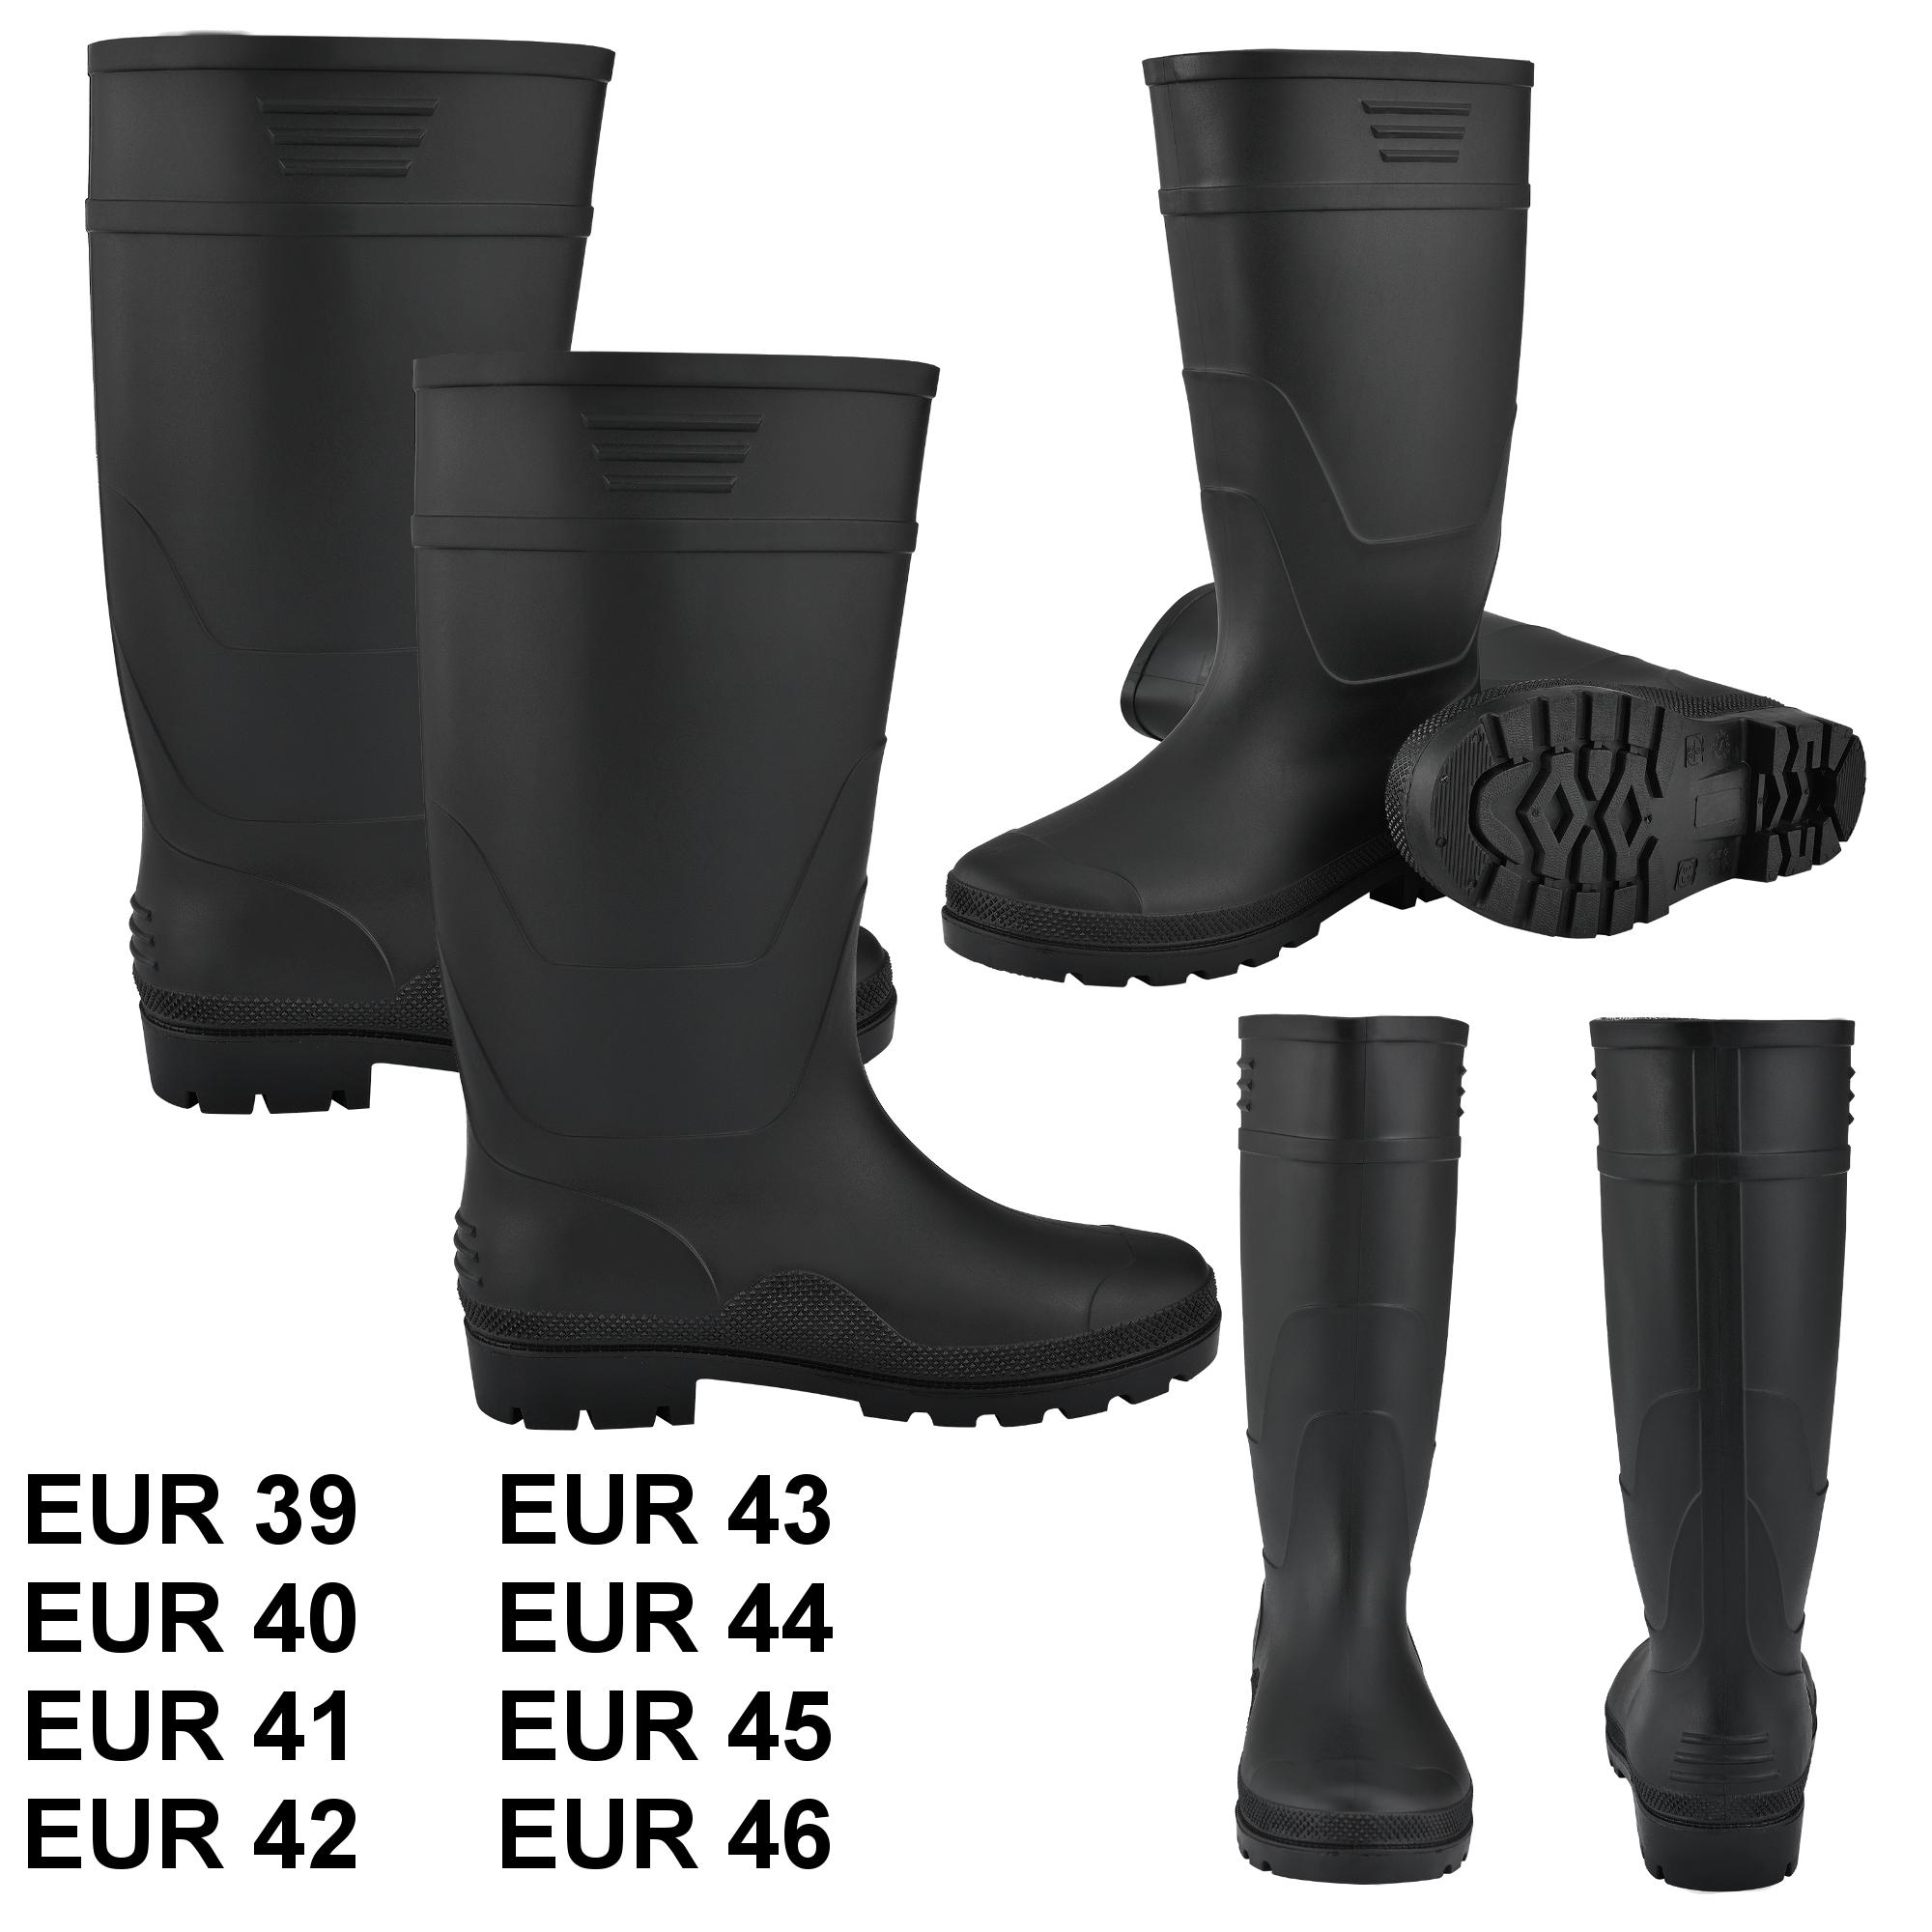 40 Bekleidung pro.tec® Gummistiefel Anglerstiefel Regenstiefel Stiefel PVC Schwarz Gr Stiefel & Schuhe